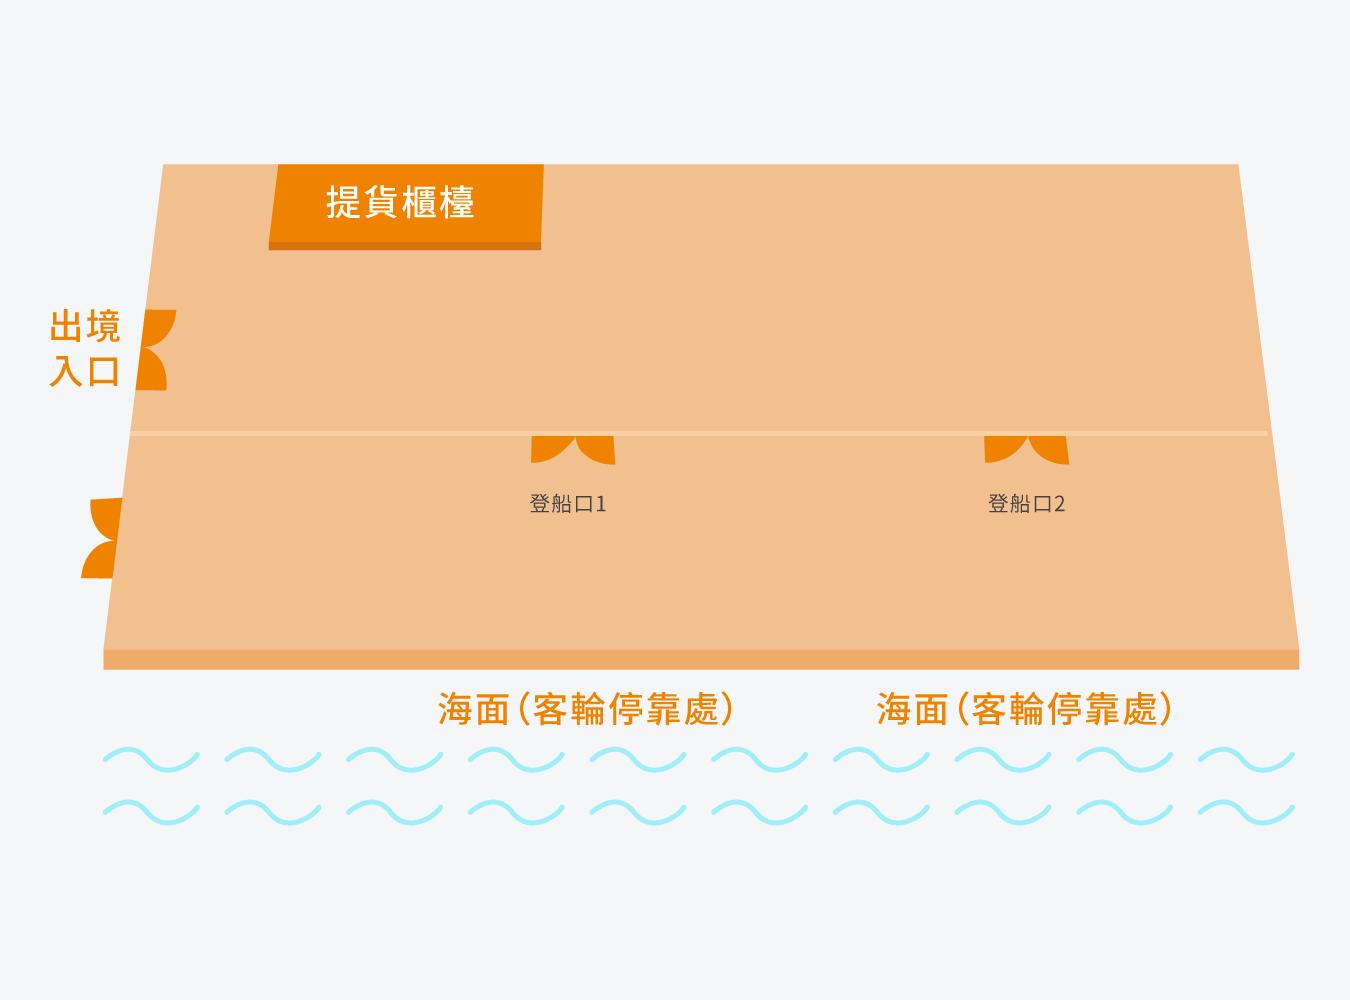 綠島南寮漁港平面圖